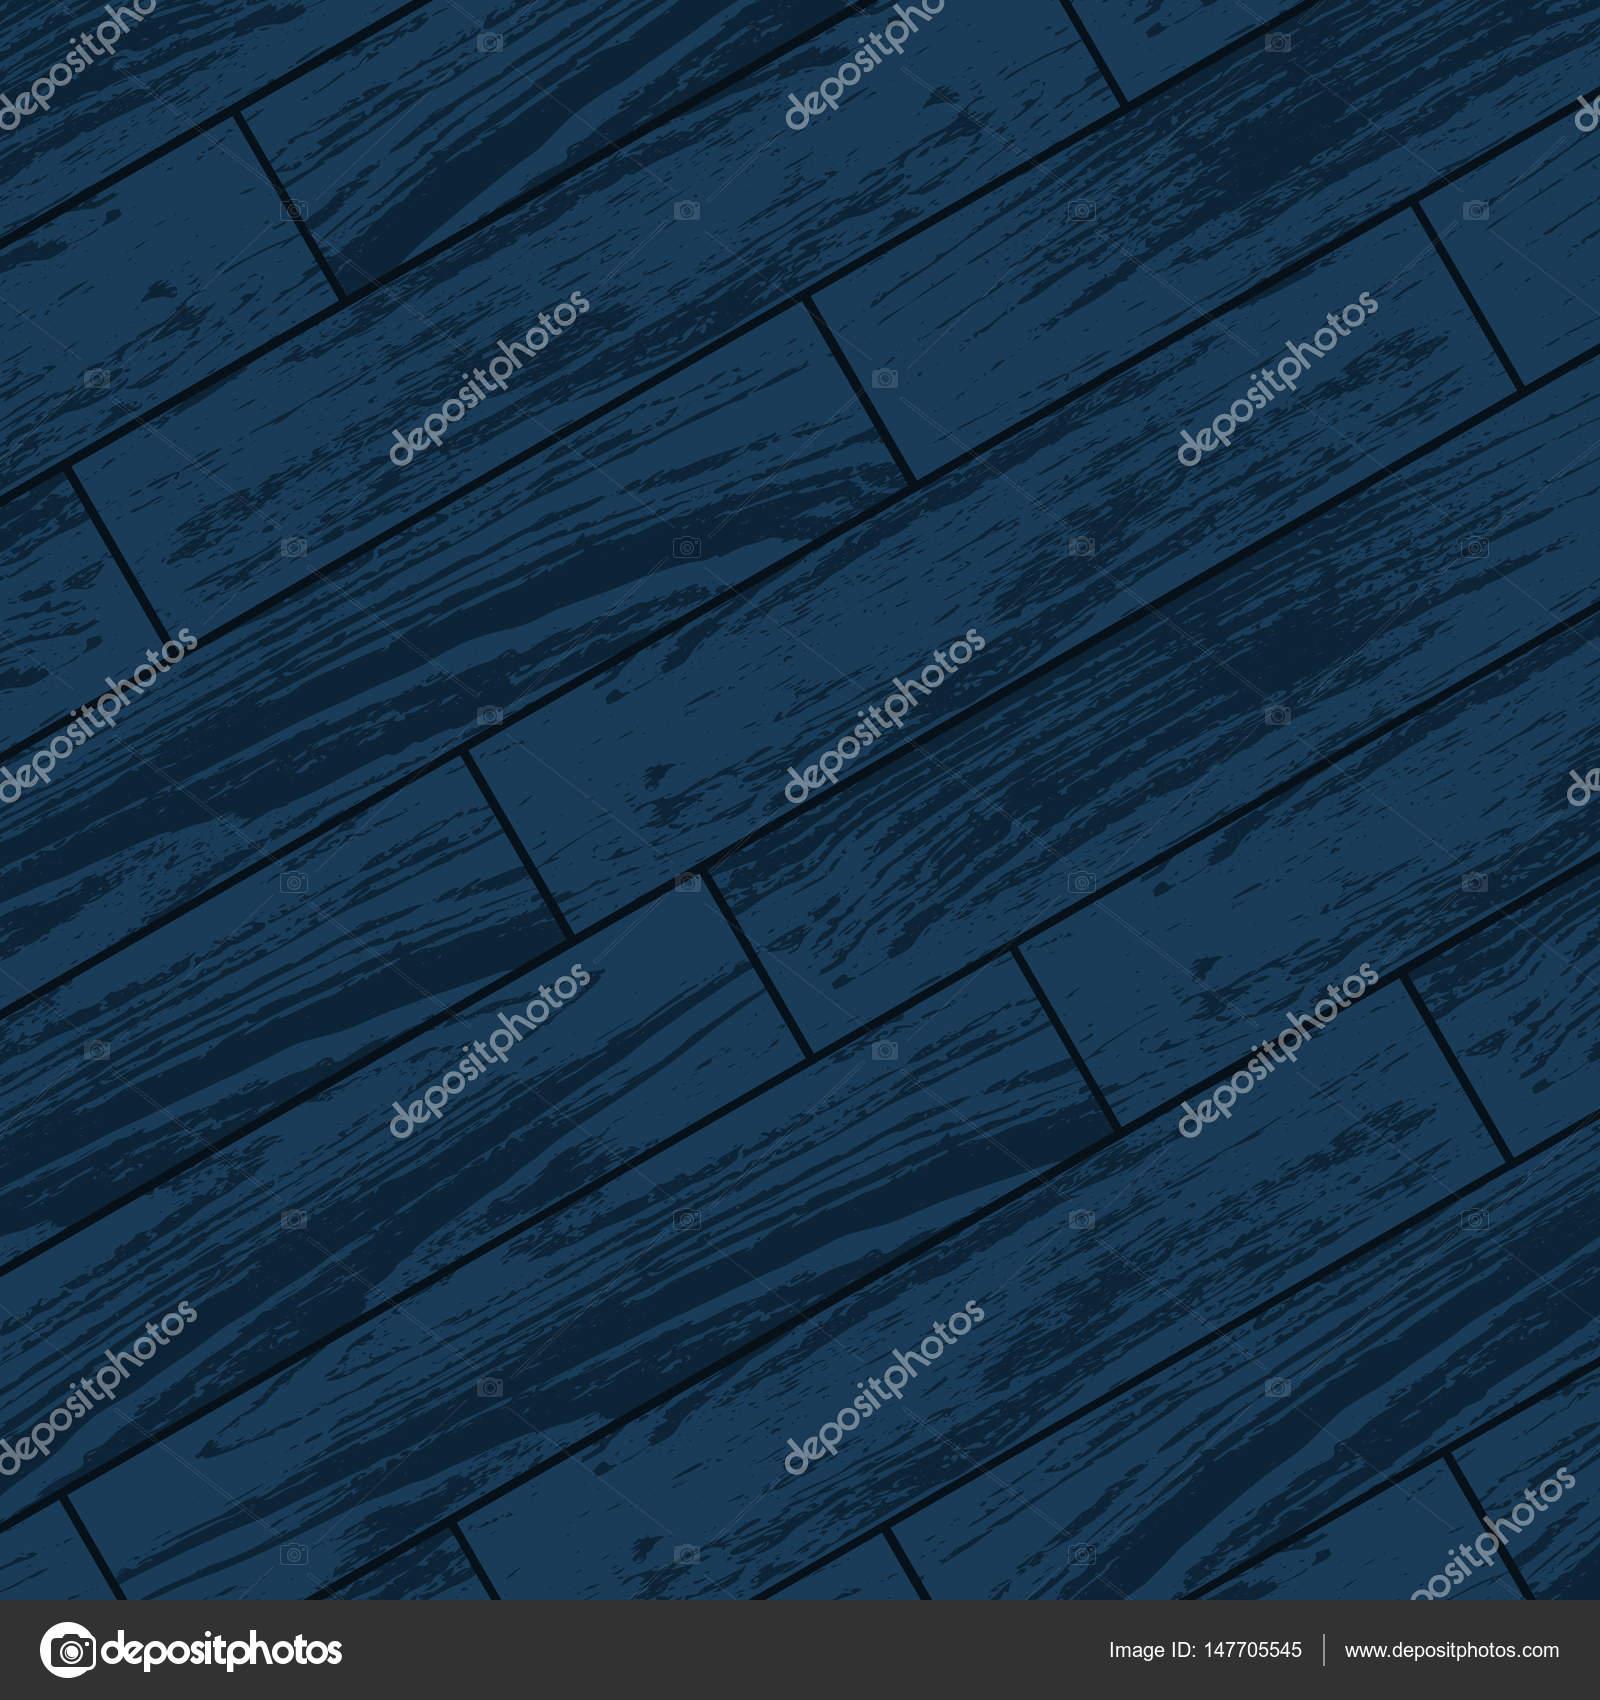 Extremement Parquet en bois bleu foncé — Image vectorielle longquattro TE-68